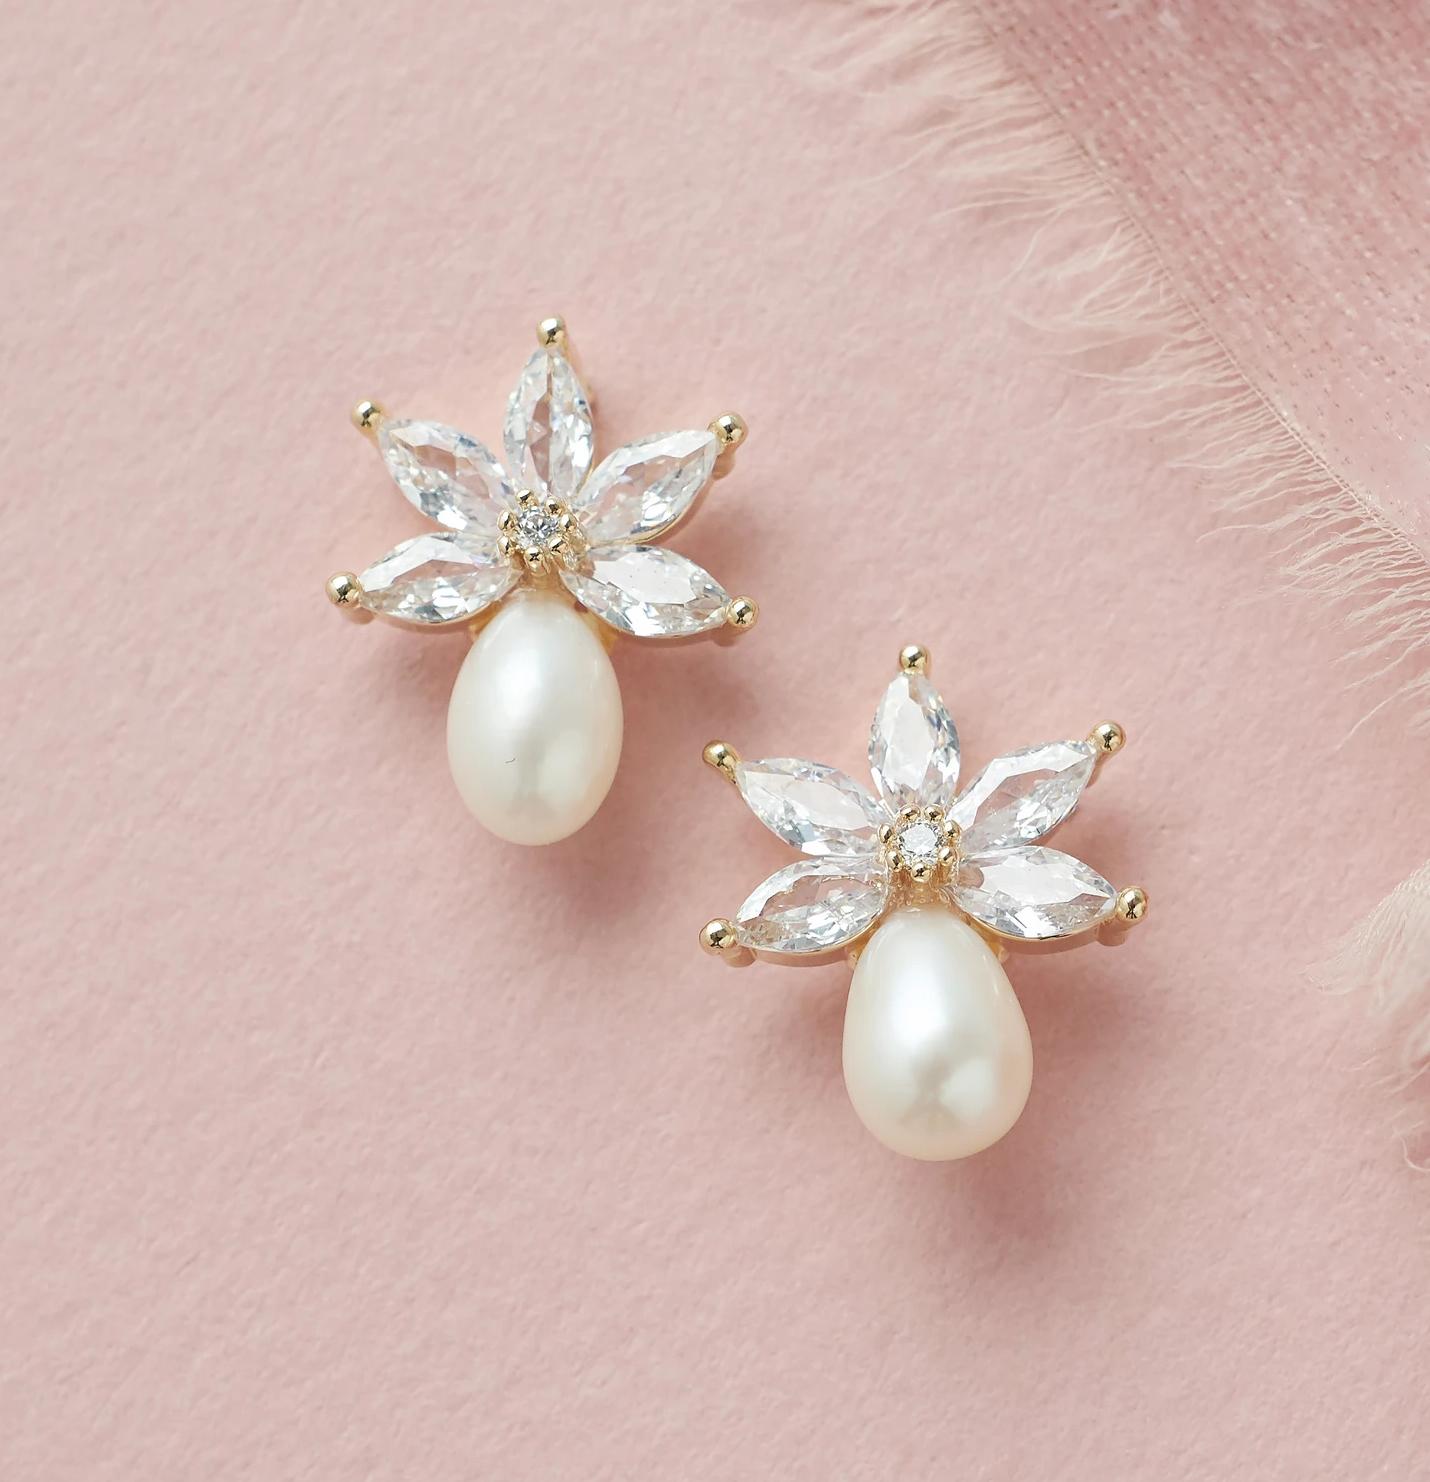 Bling wedding accessories Elegant Freshwater Pearl Stud Bridal Earrings